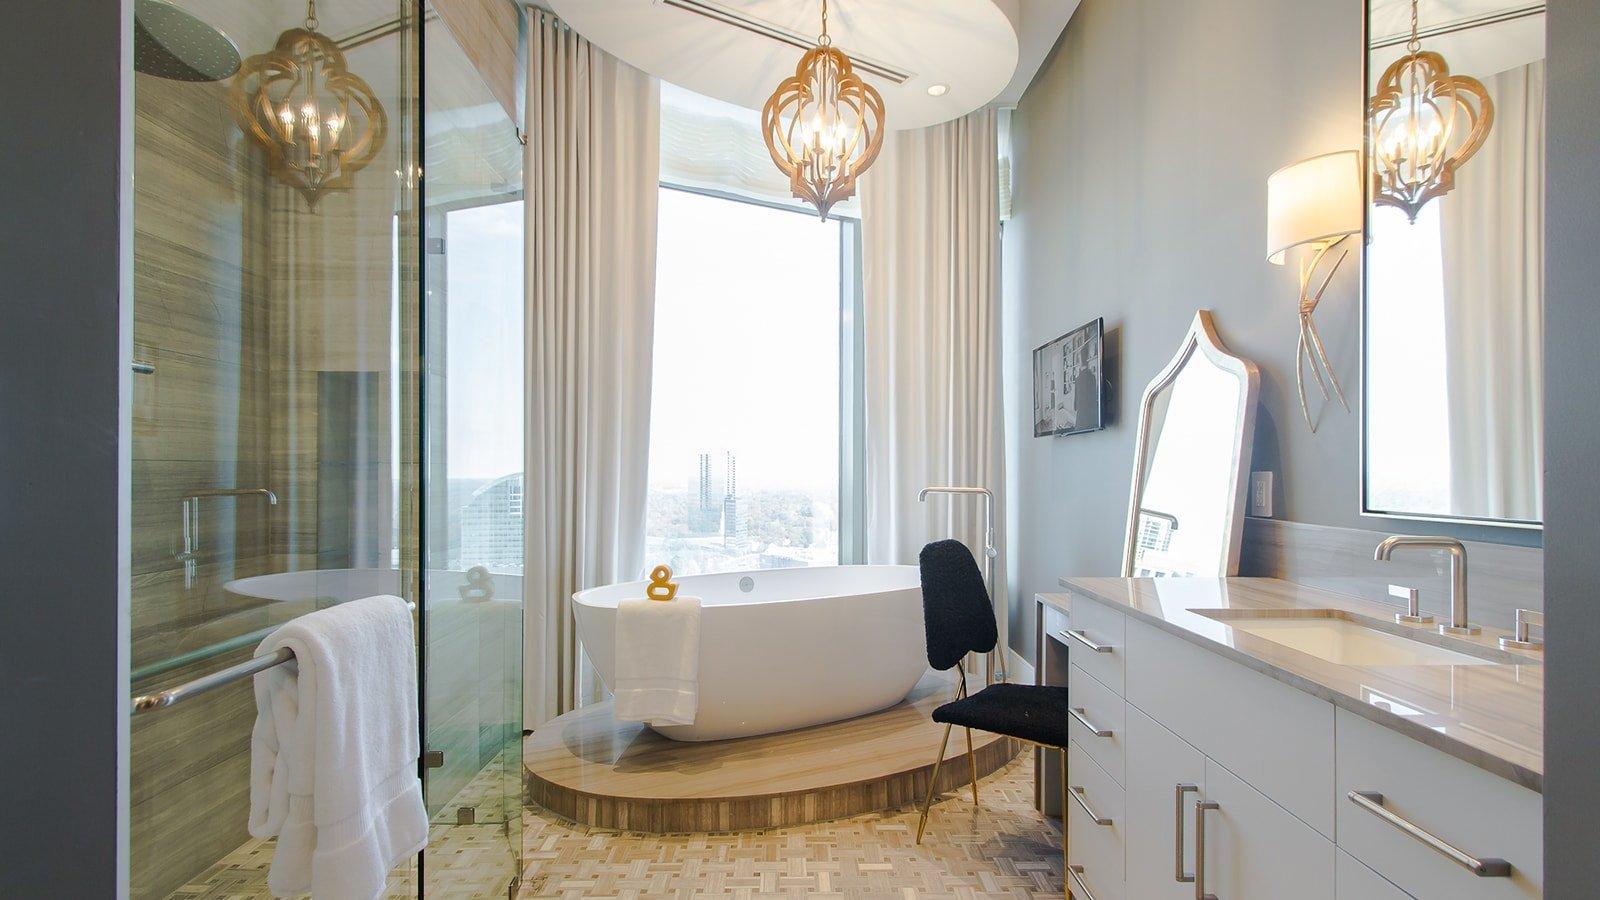 10 Gorgeous Bathroom Interior Design Ideas